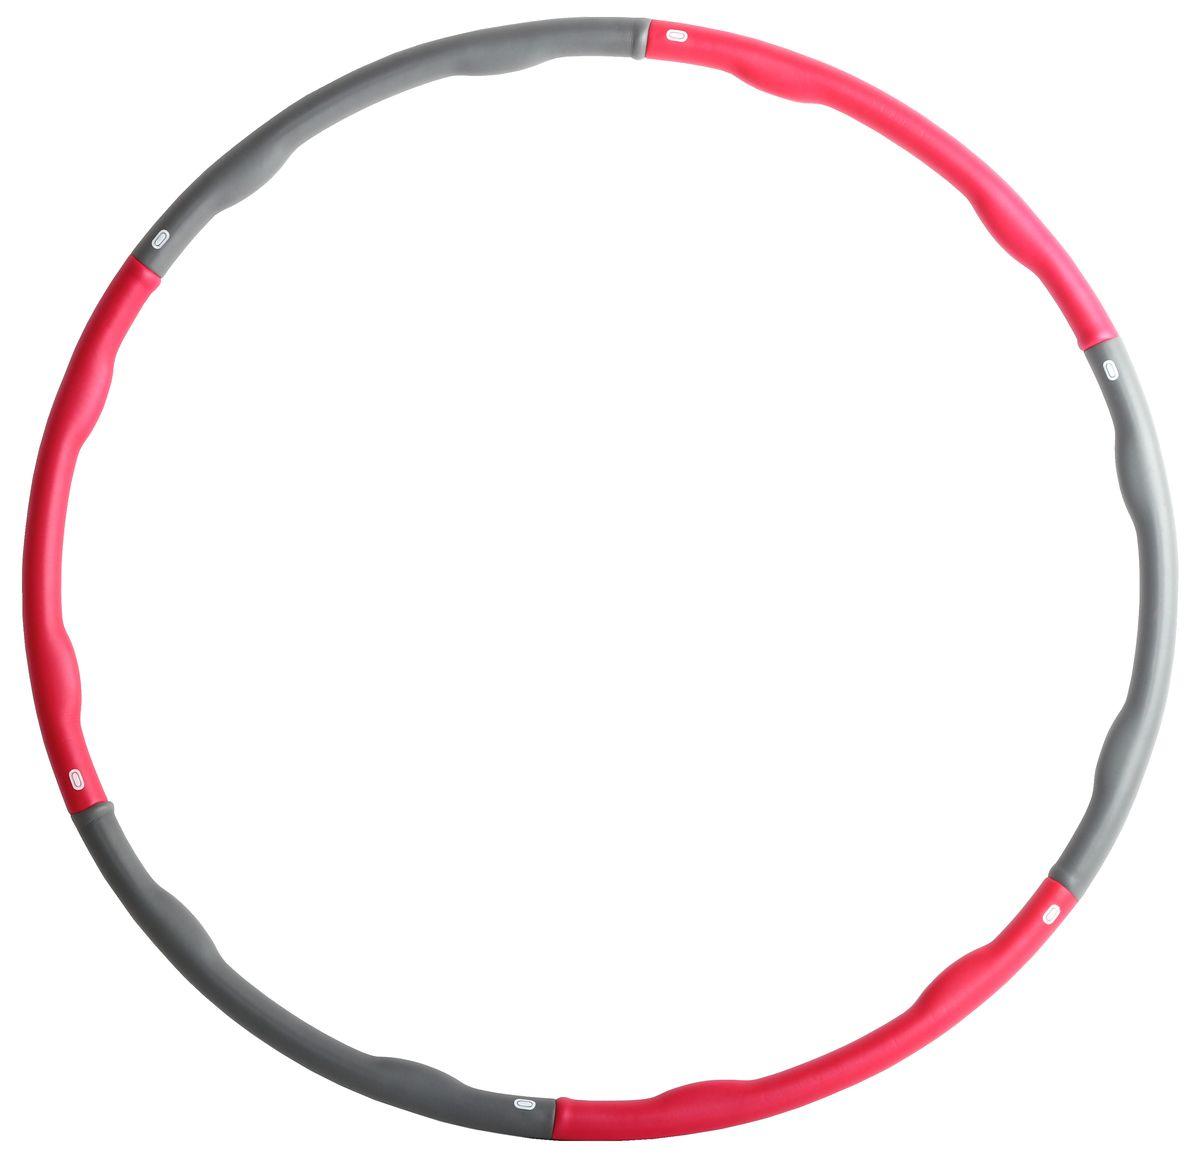 Обруч массажный Alonsa, цвет: серый/фуксия, HP-81301SF 0085Обруч массажный Alonsa HP-81301. Обруч разборный, из 6 секций. Материал: полипропилен. Диаметр: 100 см. Вес: 1300 г.